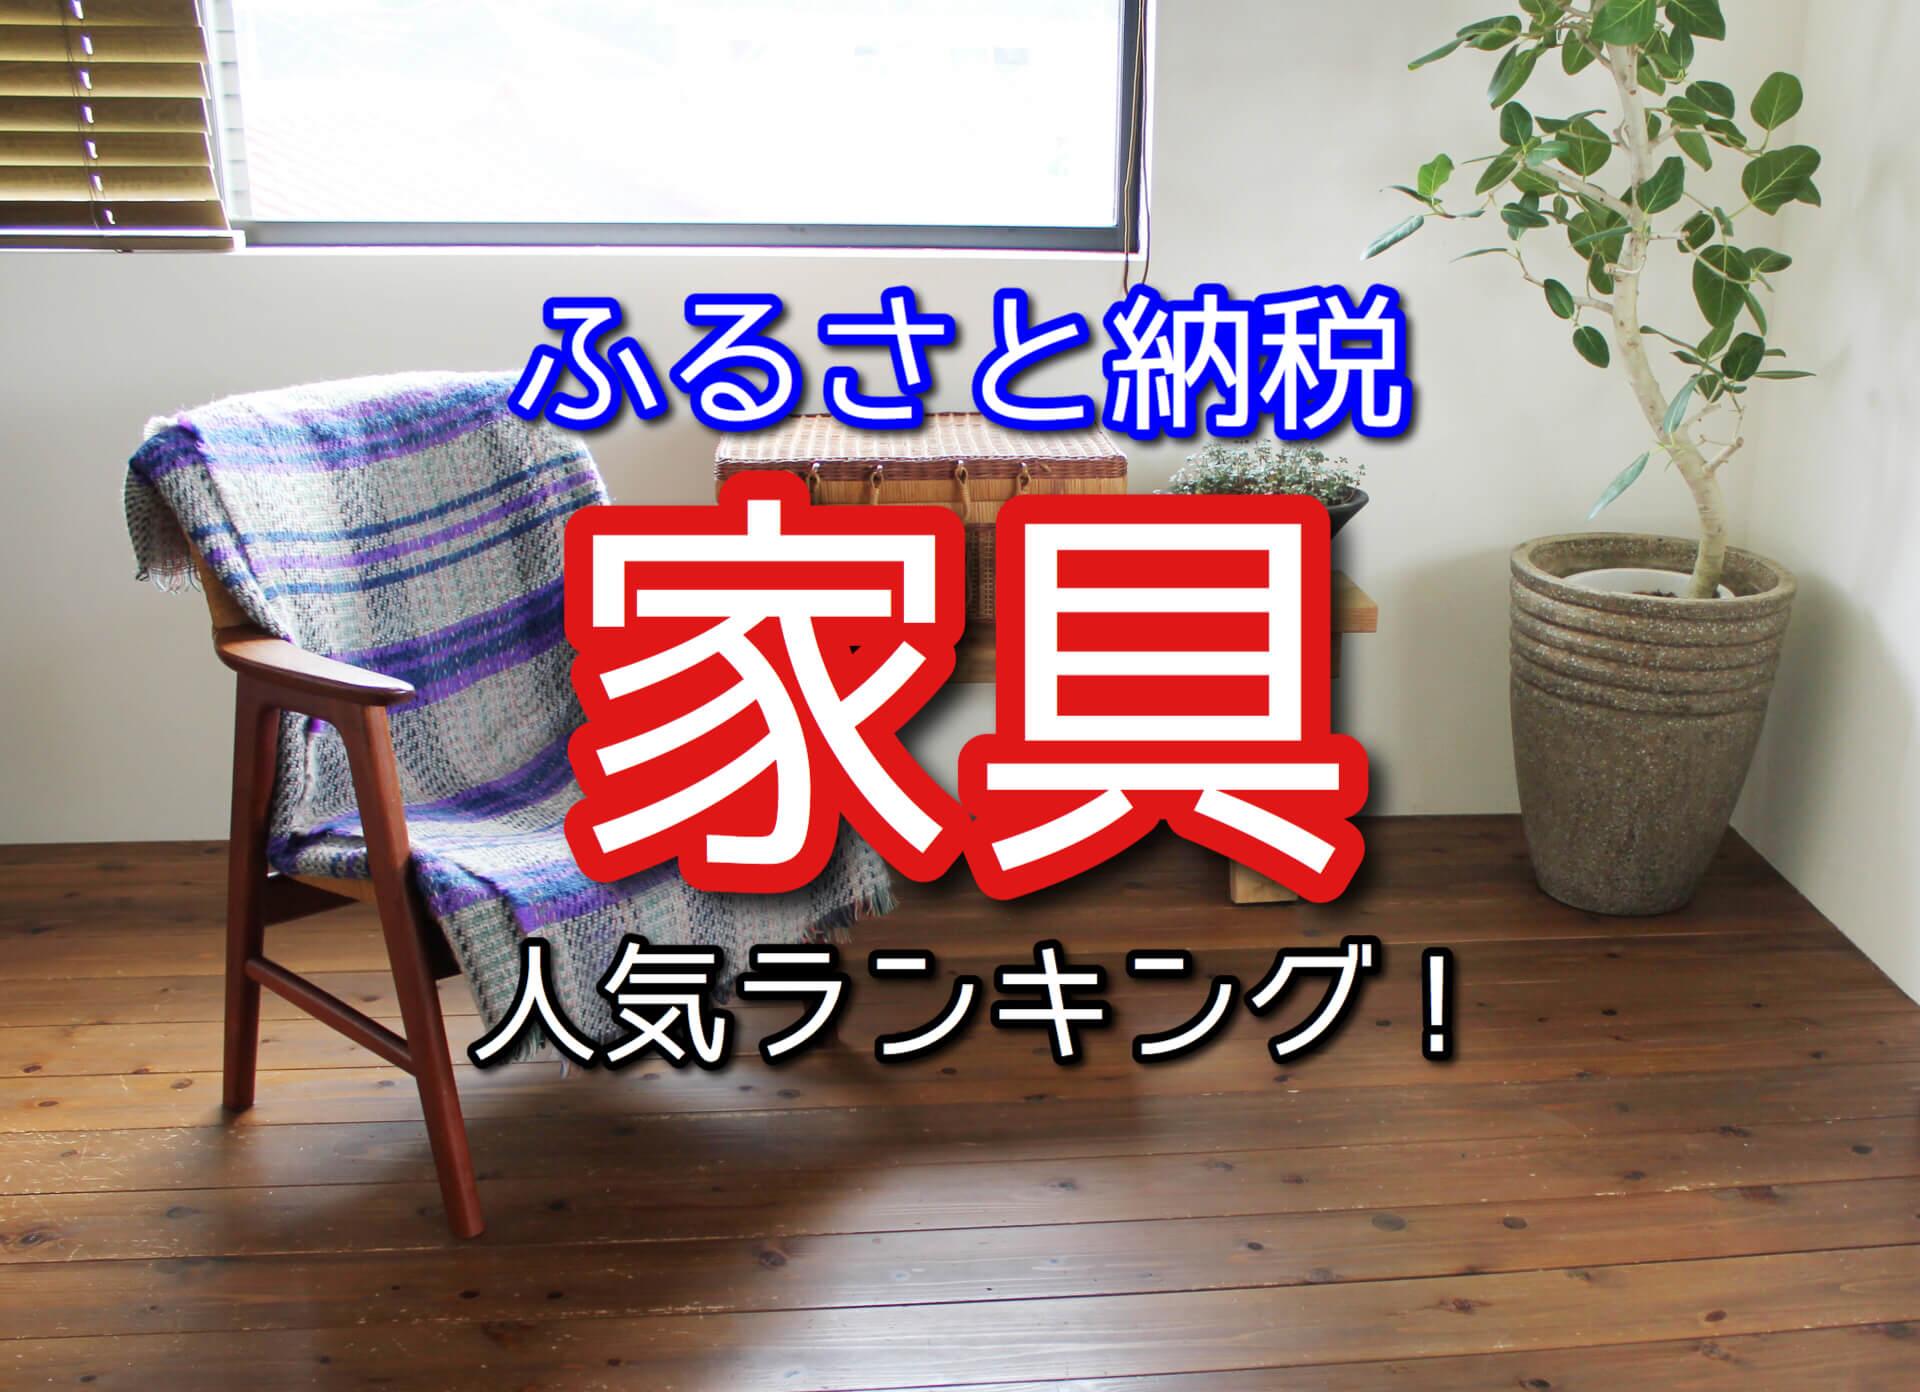 【ふるさと納税】家具おすすめランキングTOP10!還元率も比較!